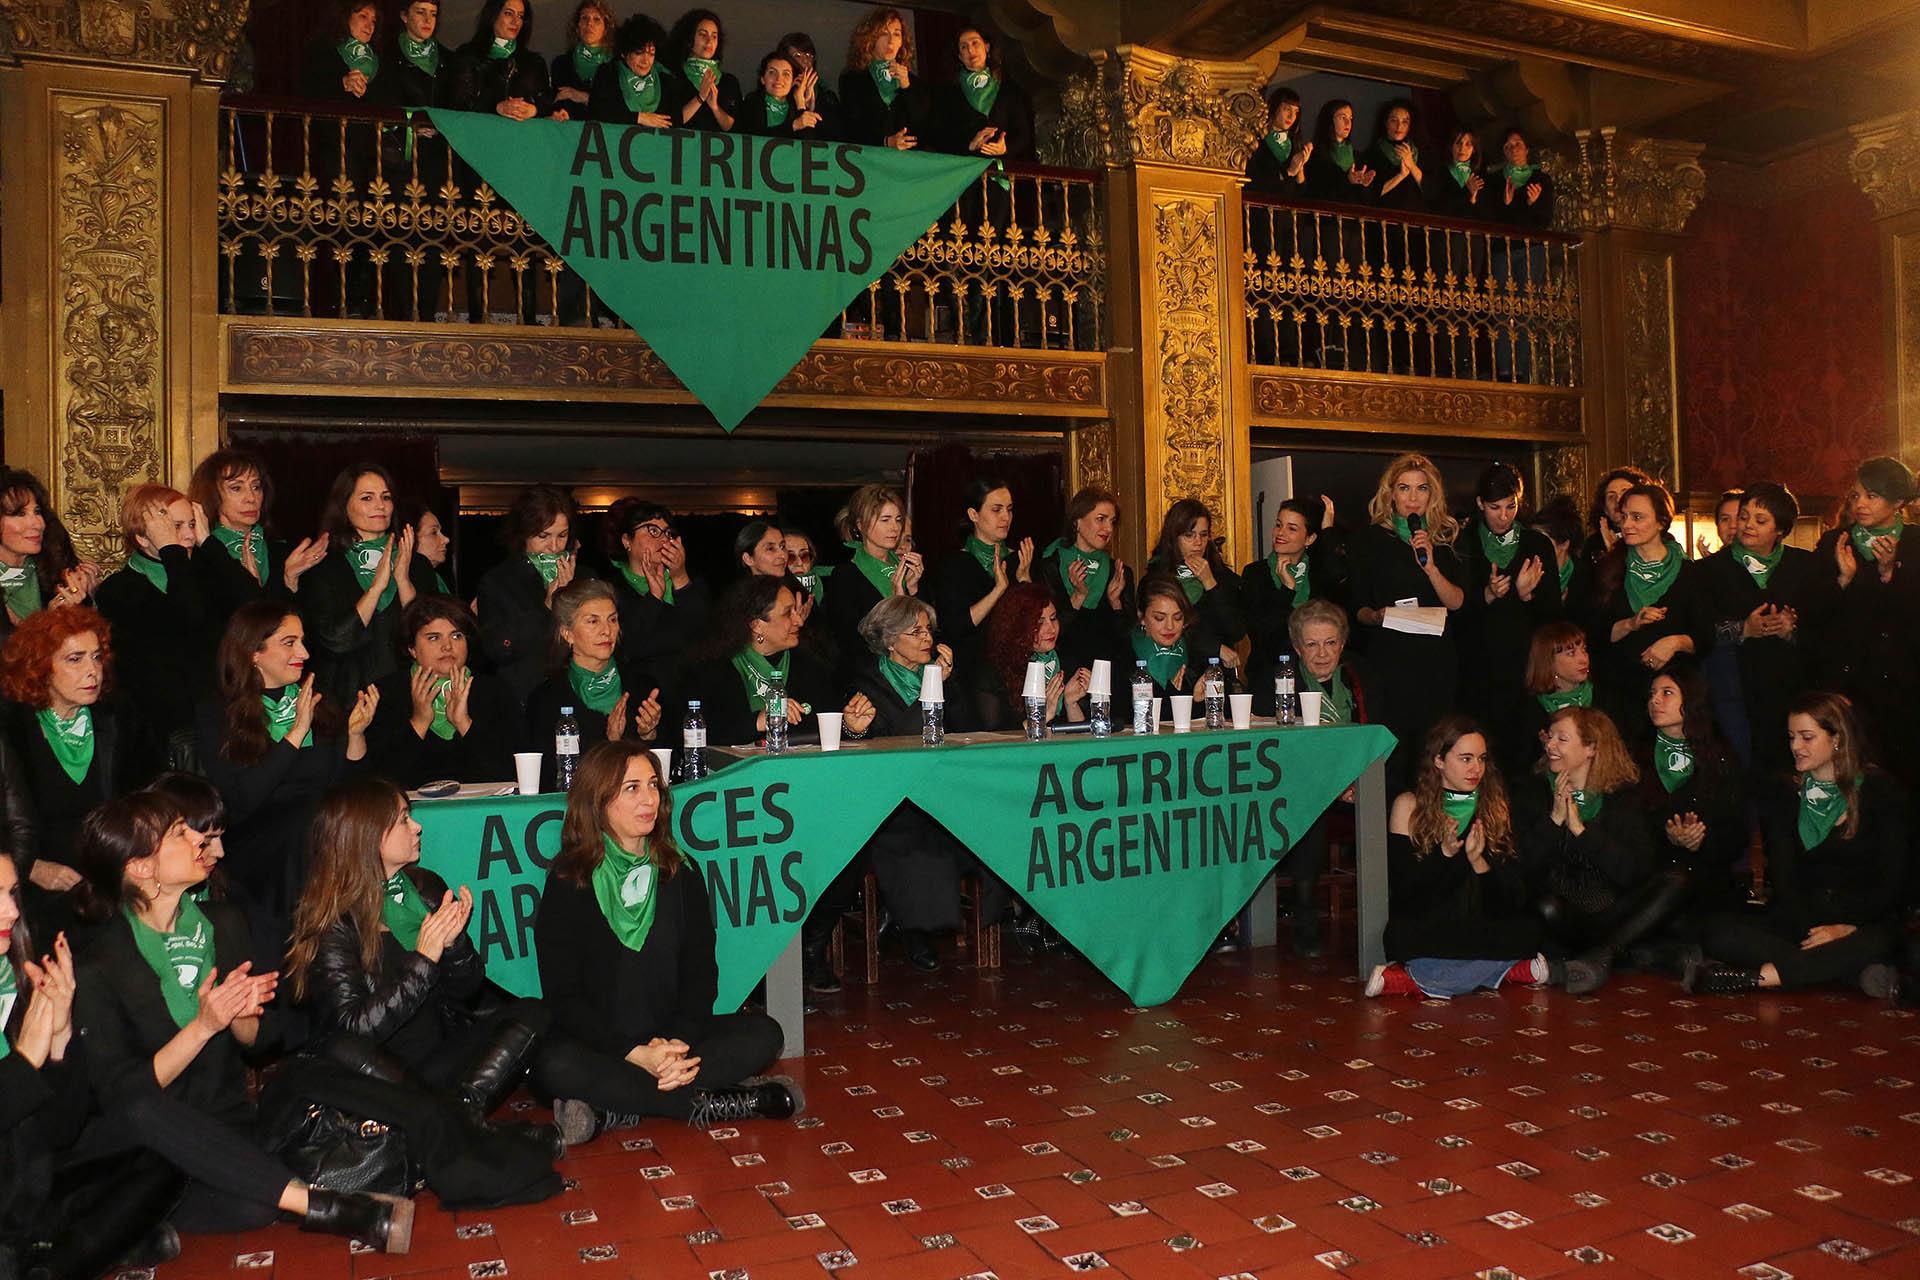 Las actrices argentinas se manifestaron en el Teatro Nacional Cervantes